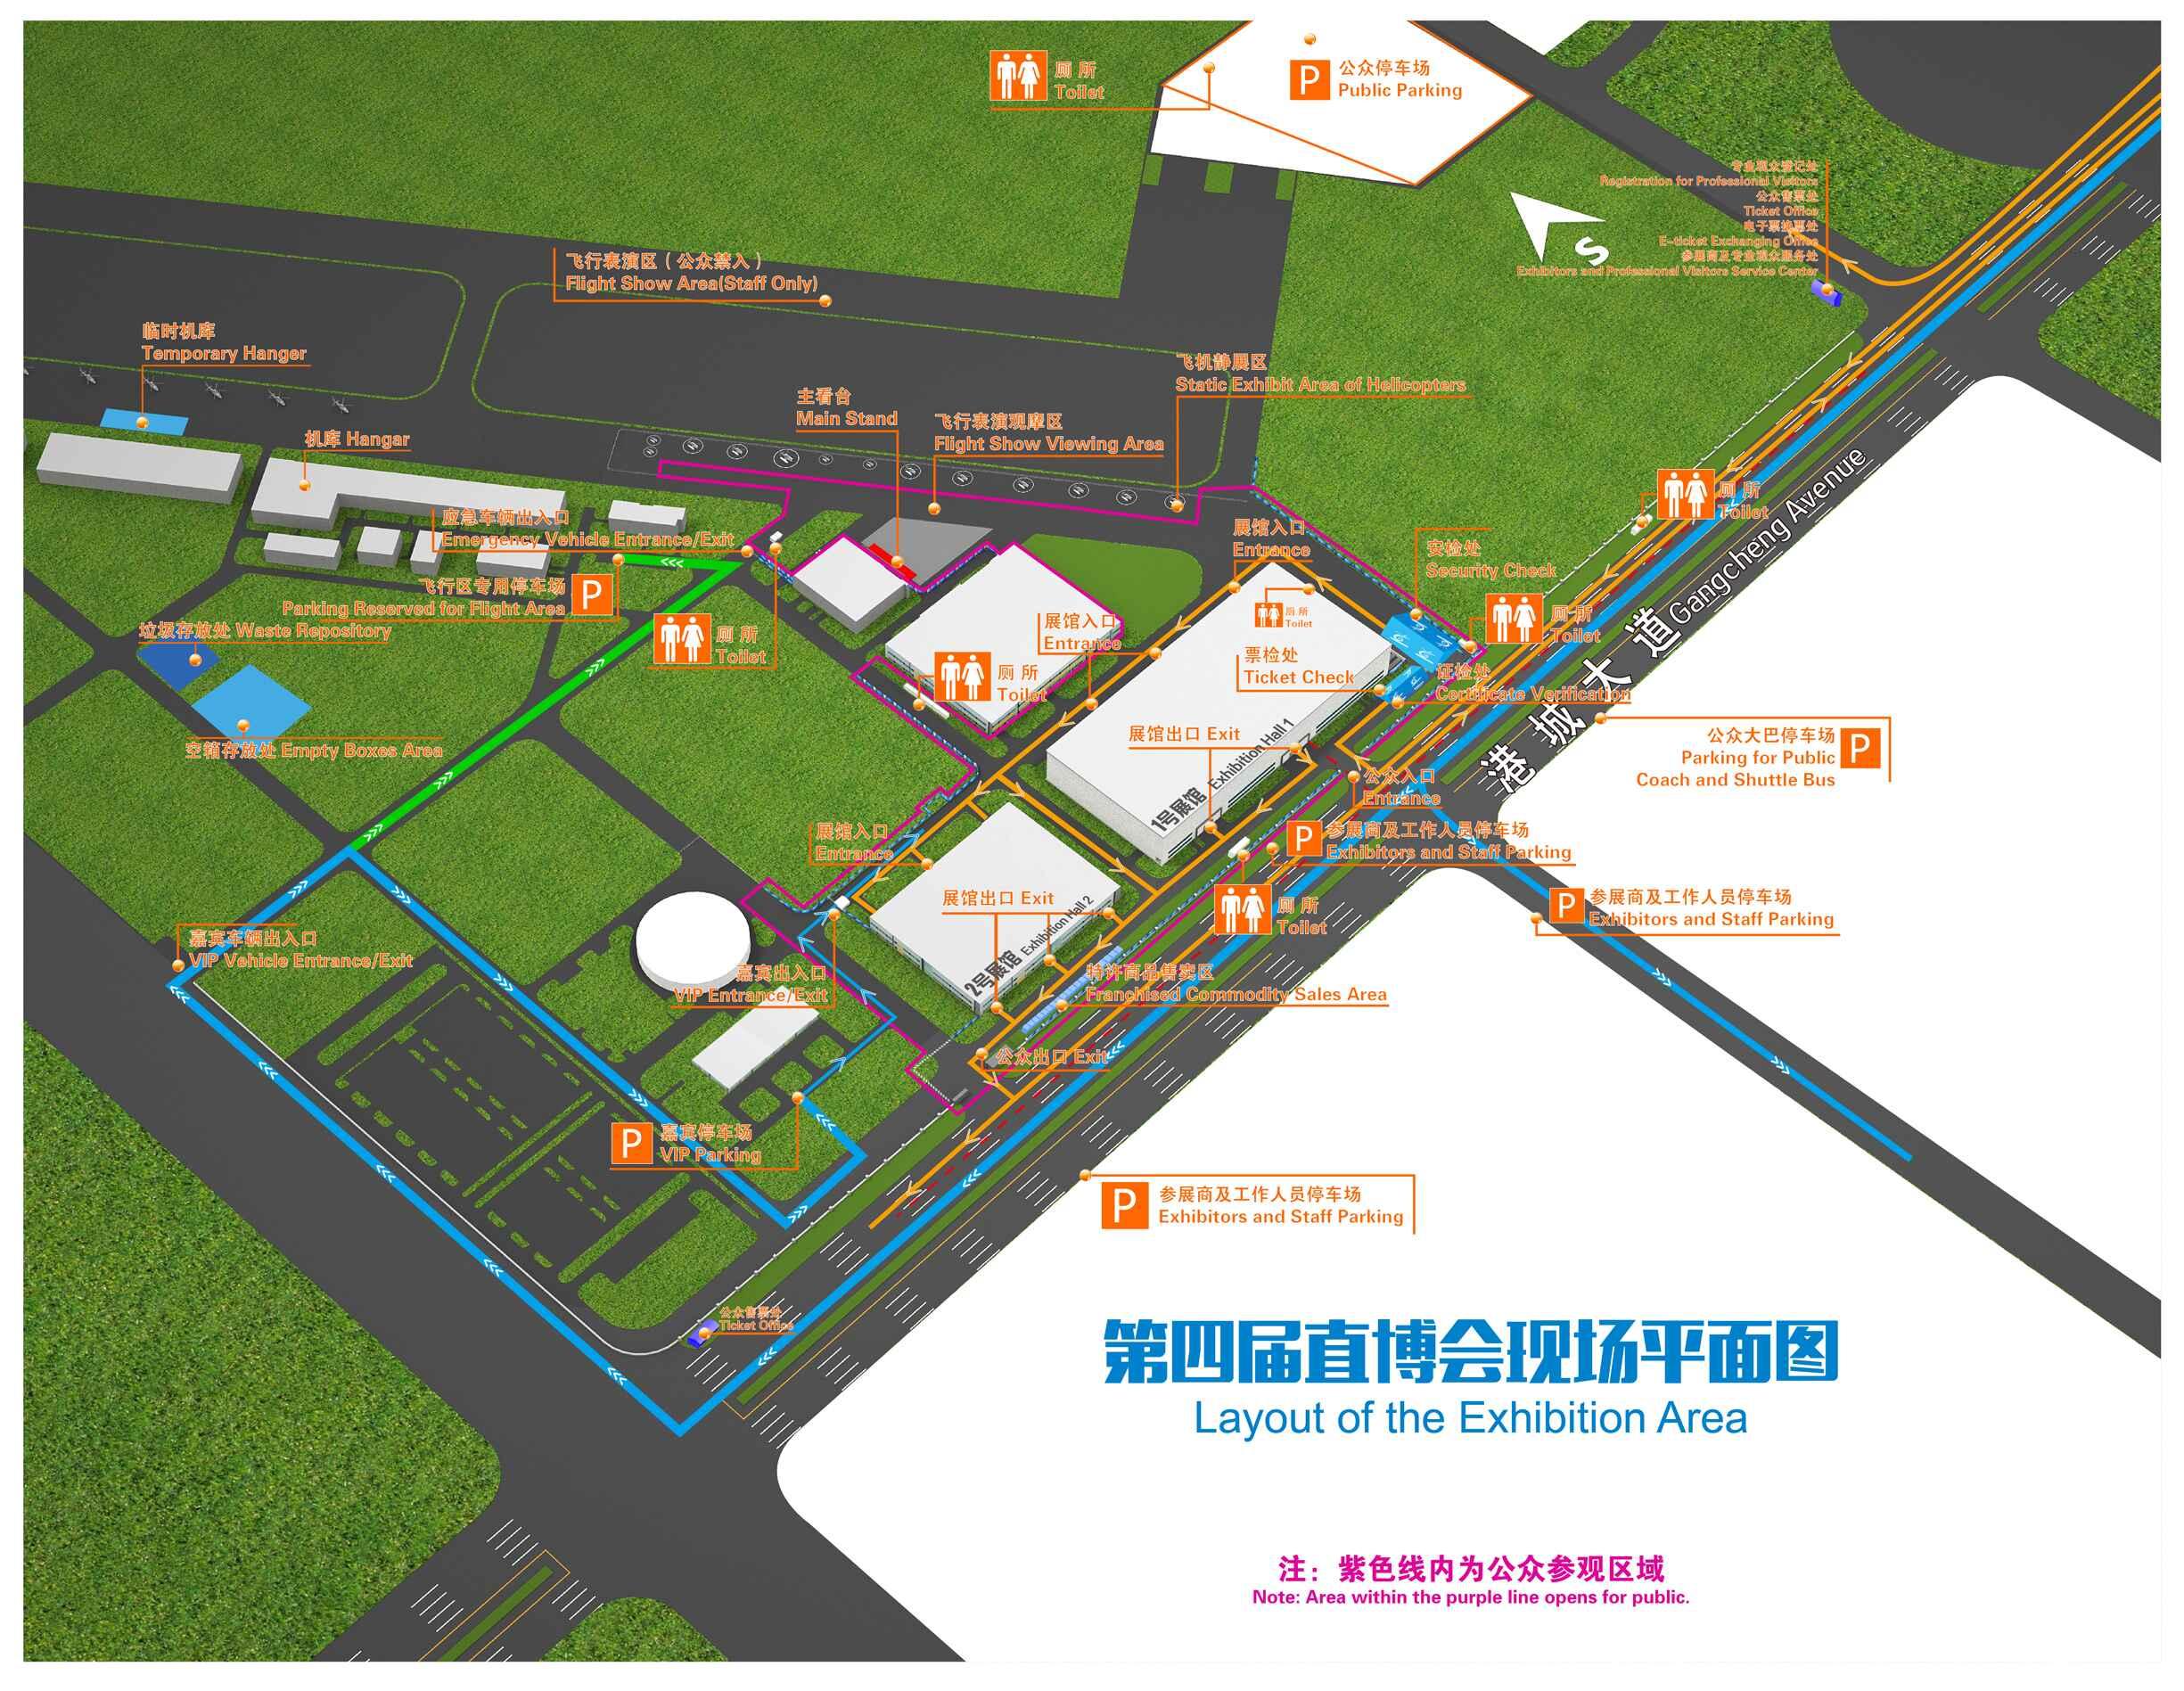 2017天津直博会展区示意图